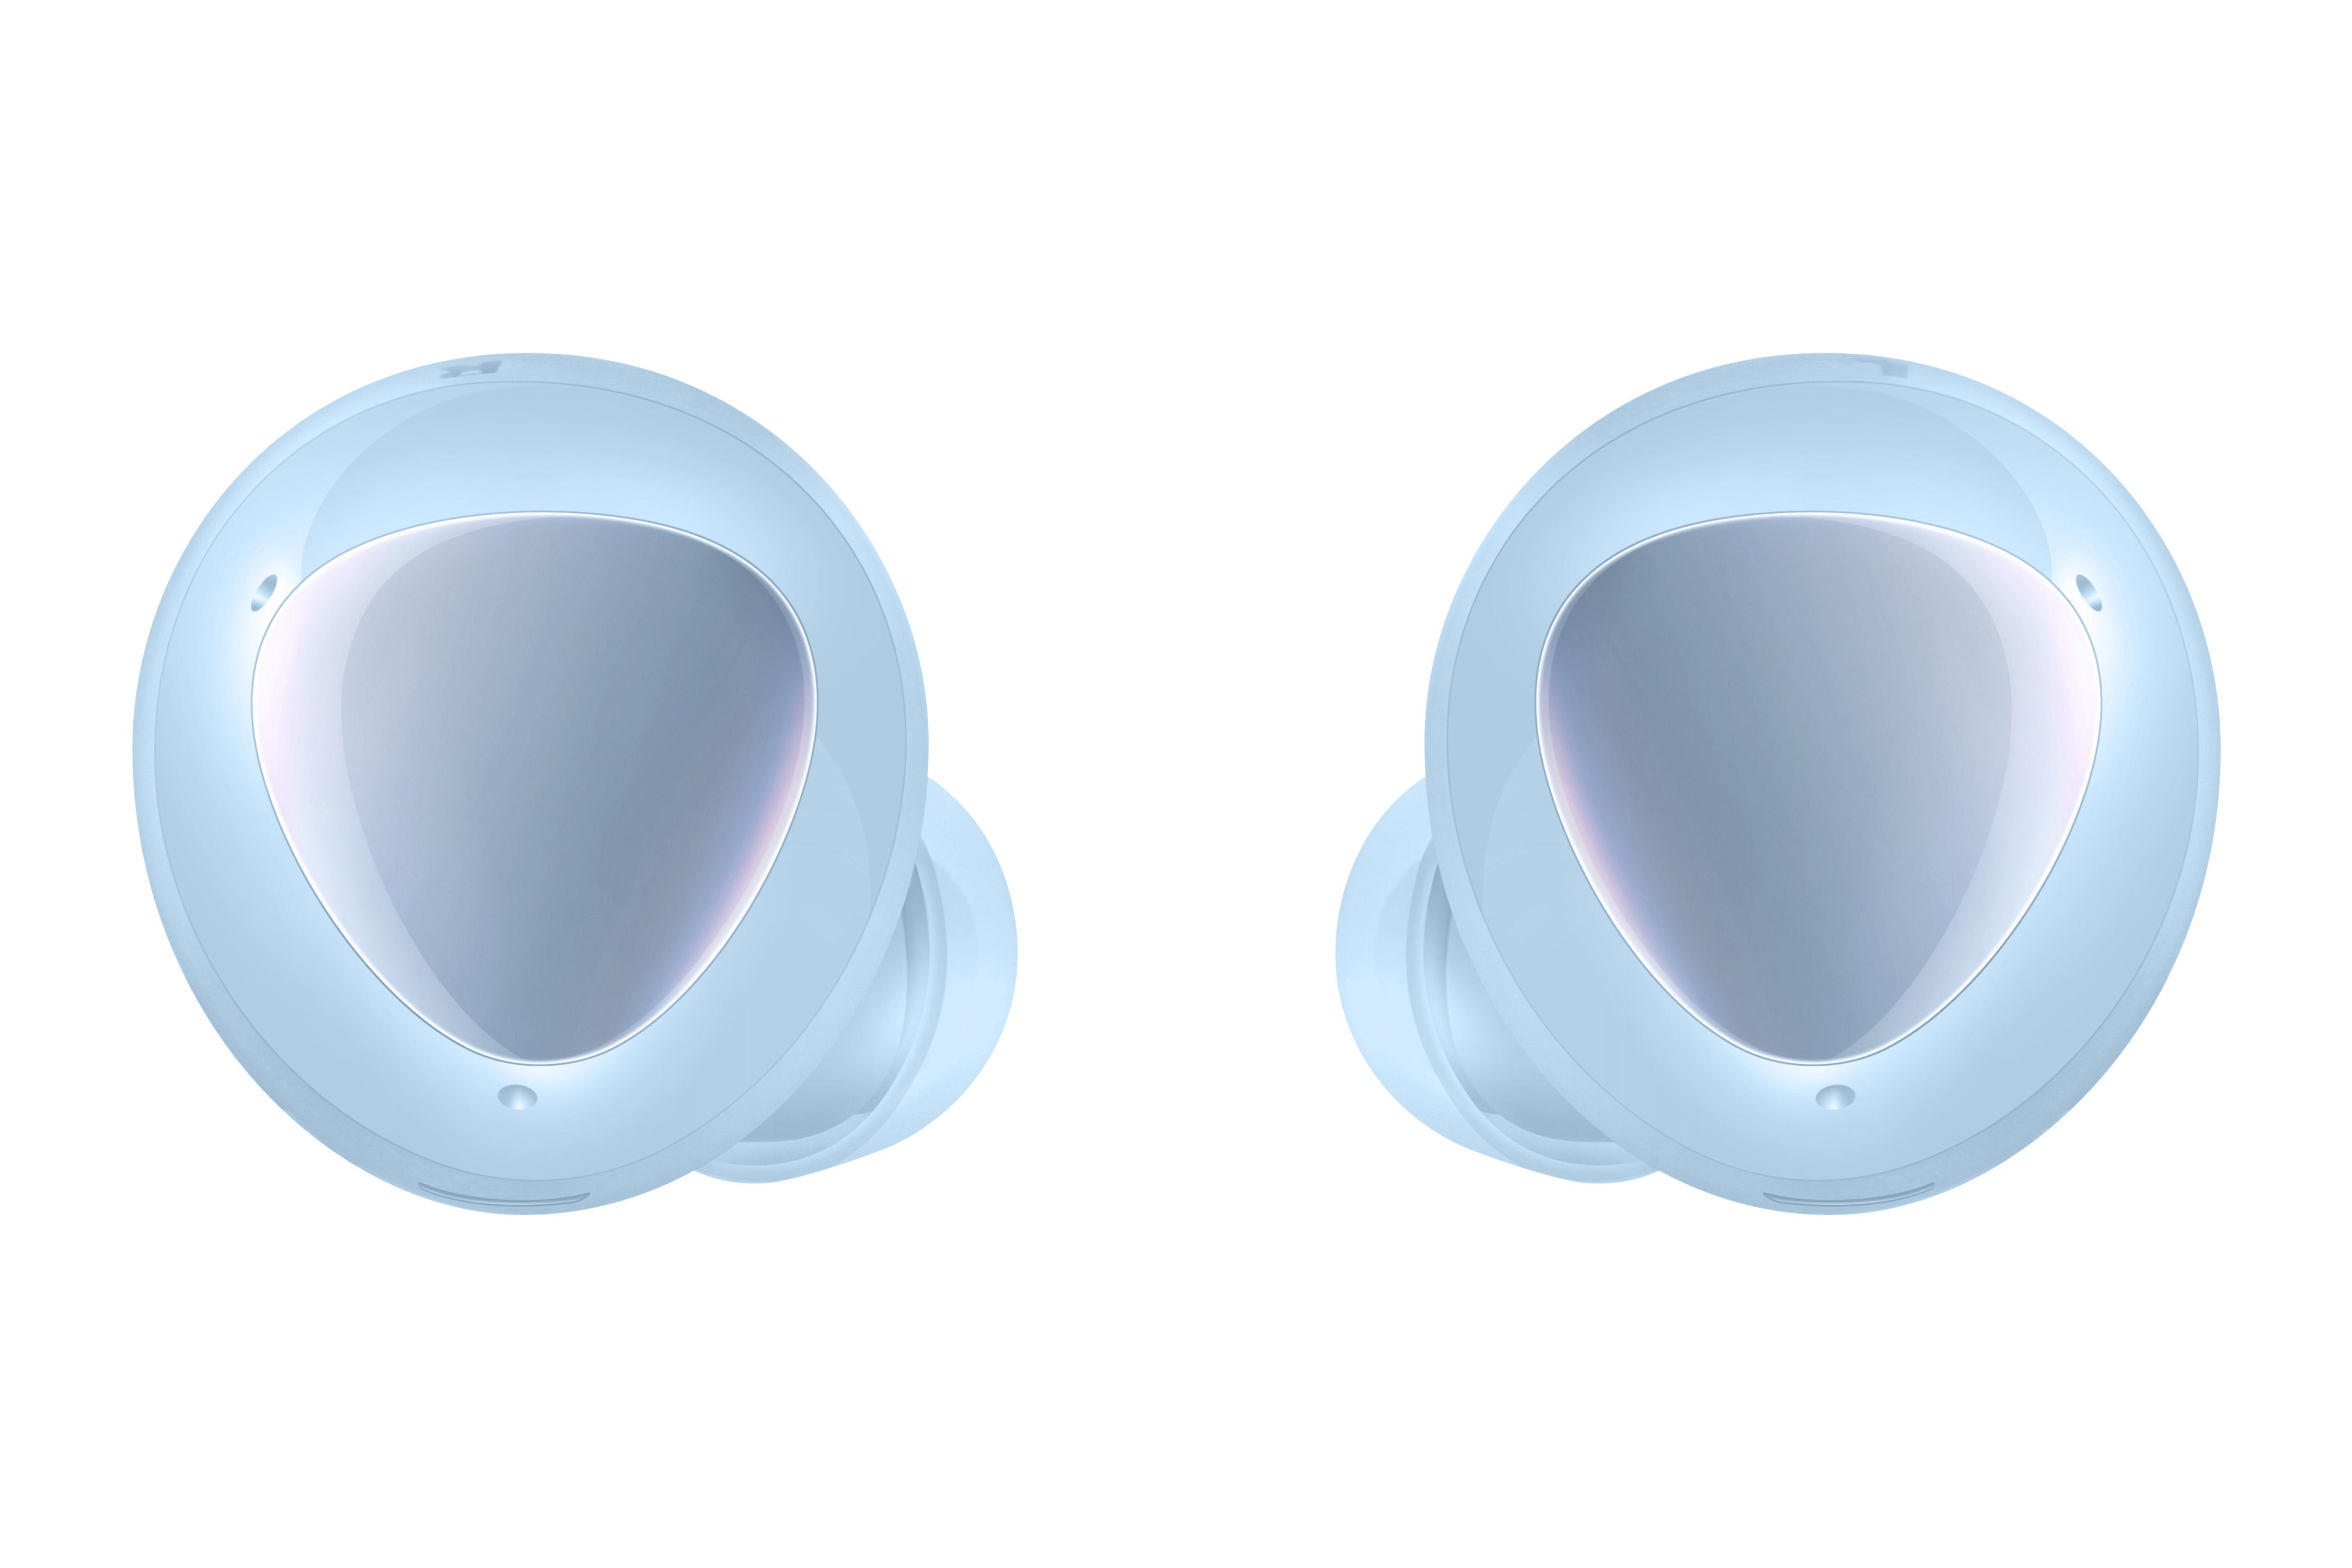 Brezžične slušalke Samsung Galaxy Buds+, modra